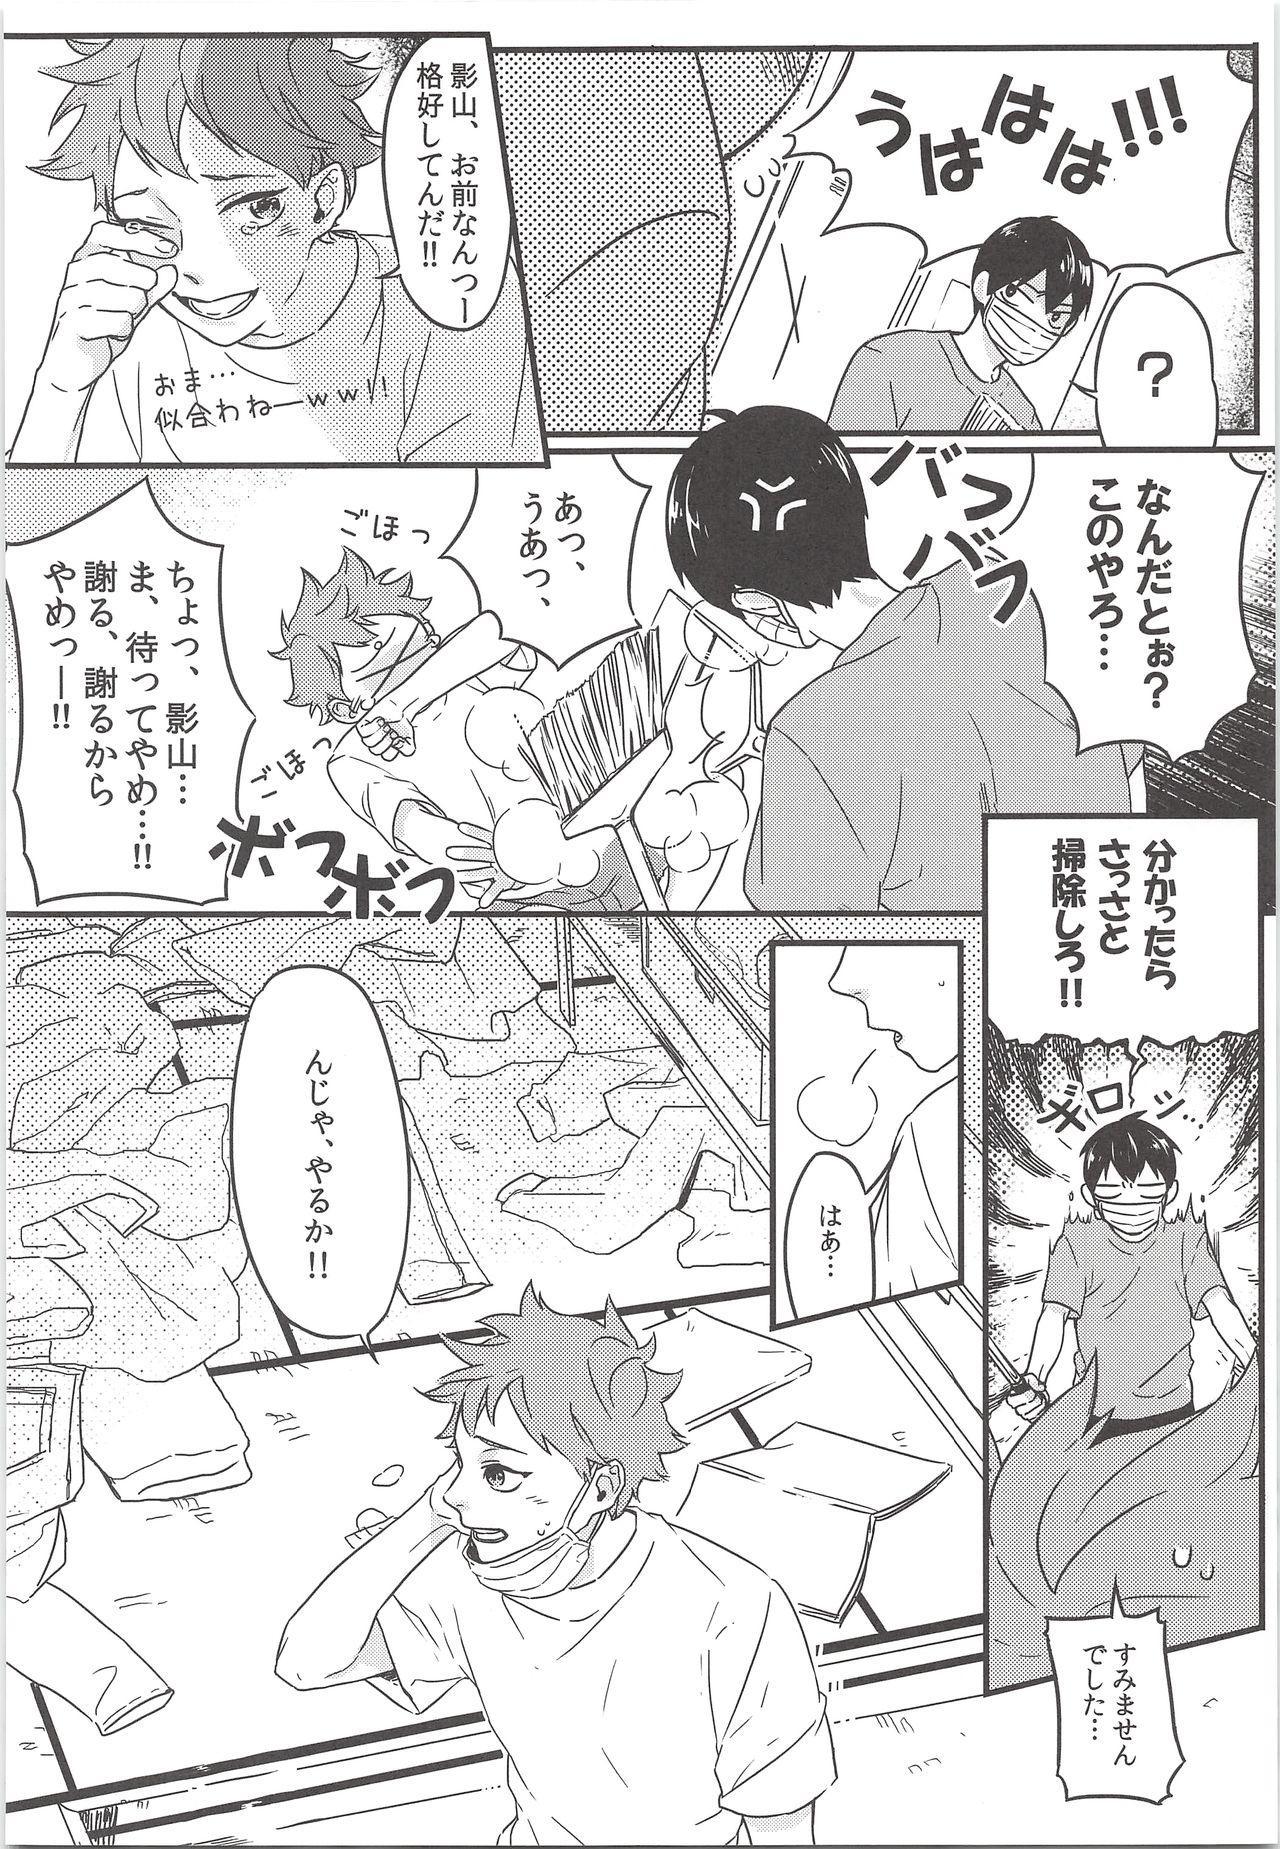 Tadashii Gomu no Tsukaikata 6